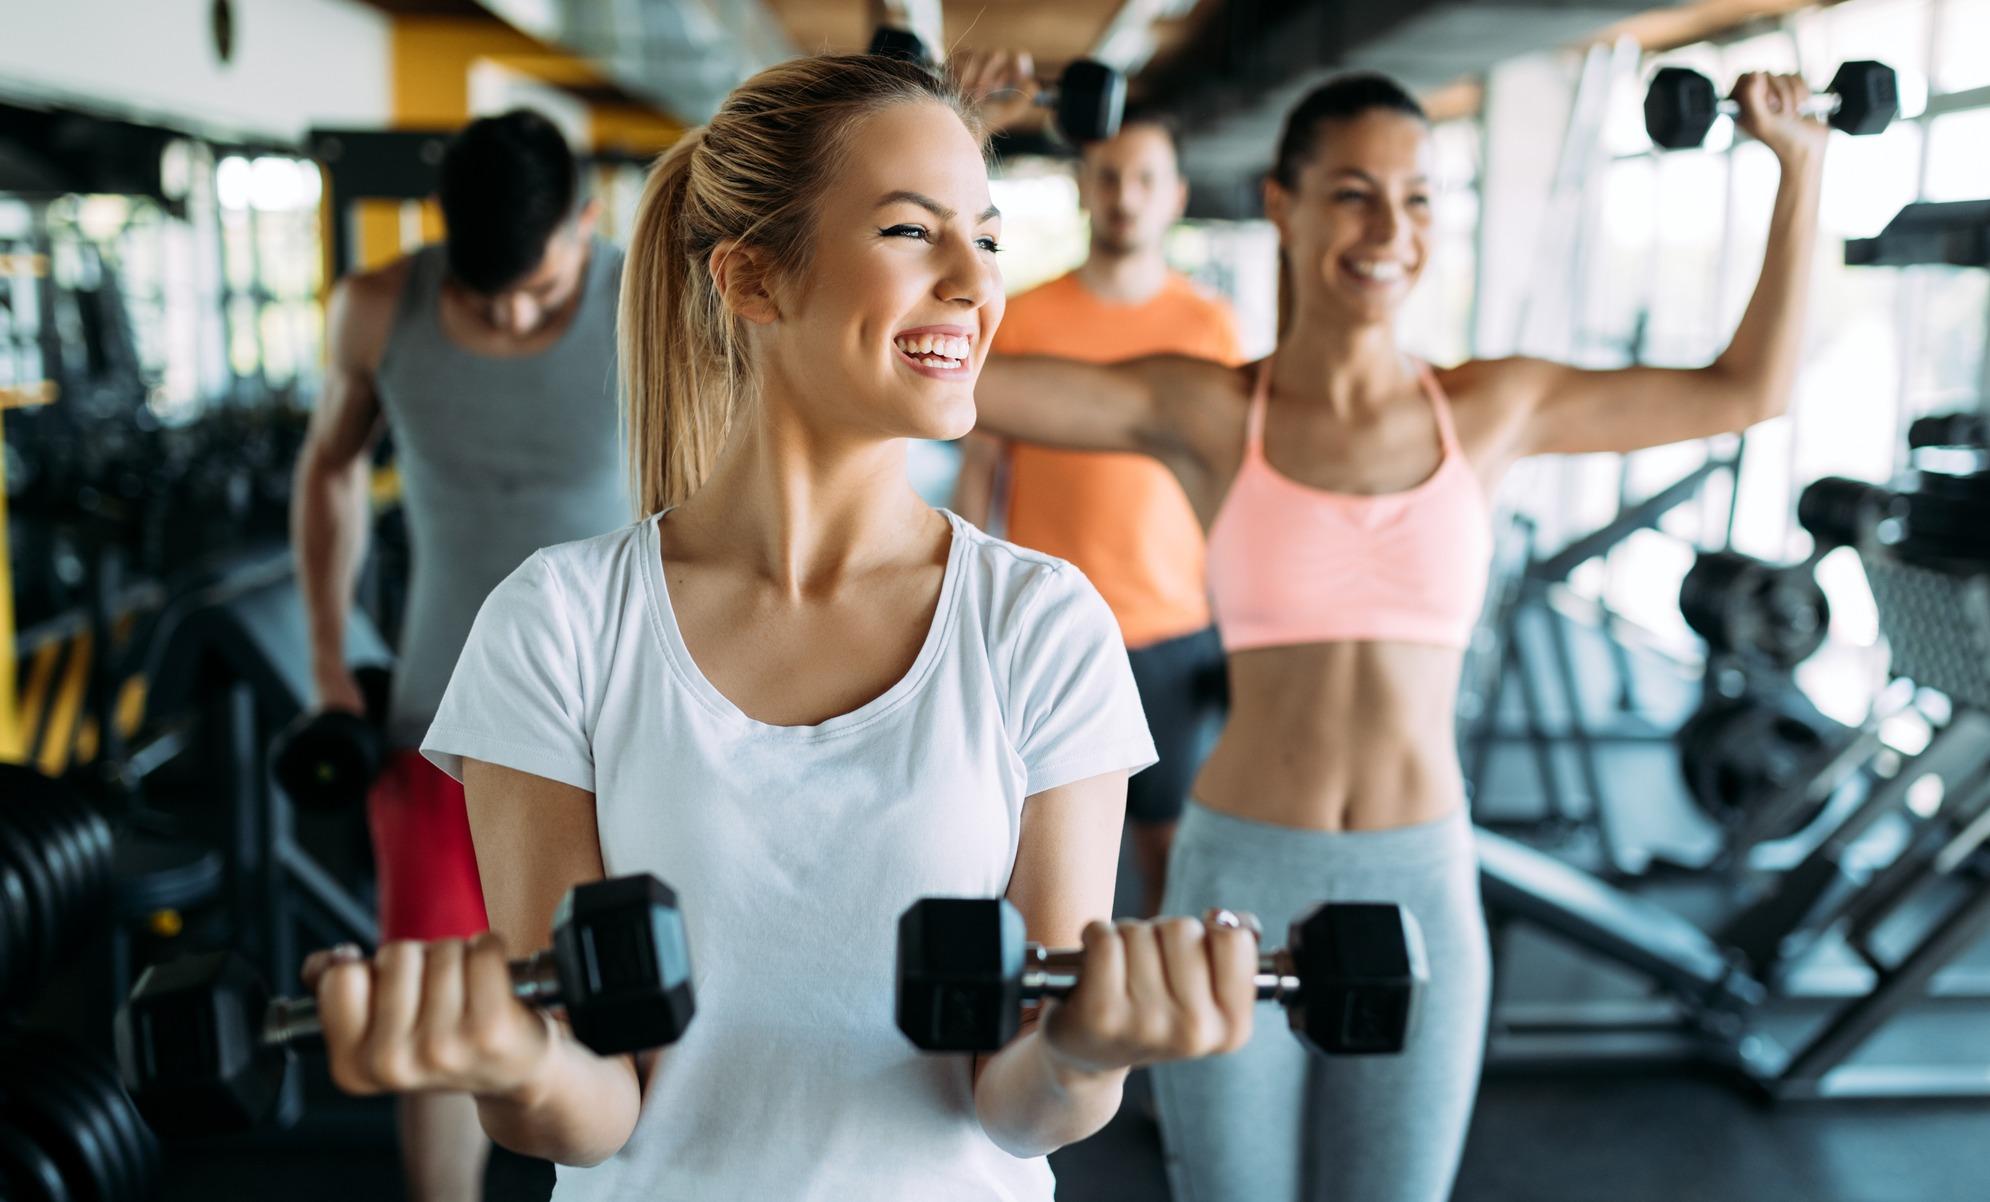 Сауна после тренажерного зала: польза или вред после тренировки, как правильно ходить в сауну, полезна ли, можно ли идти после бодибилдинга, фото и видео